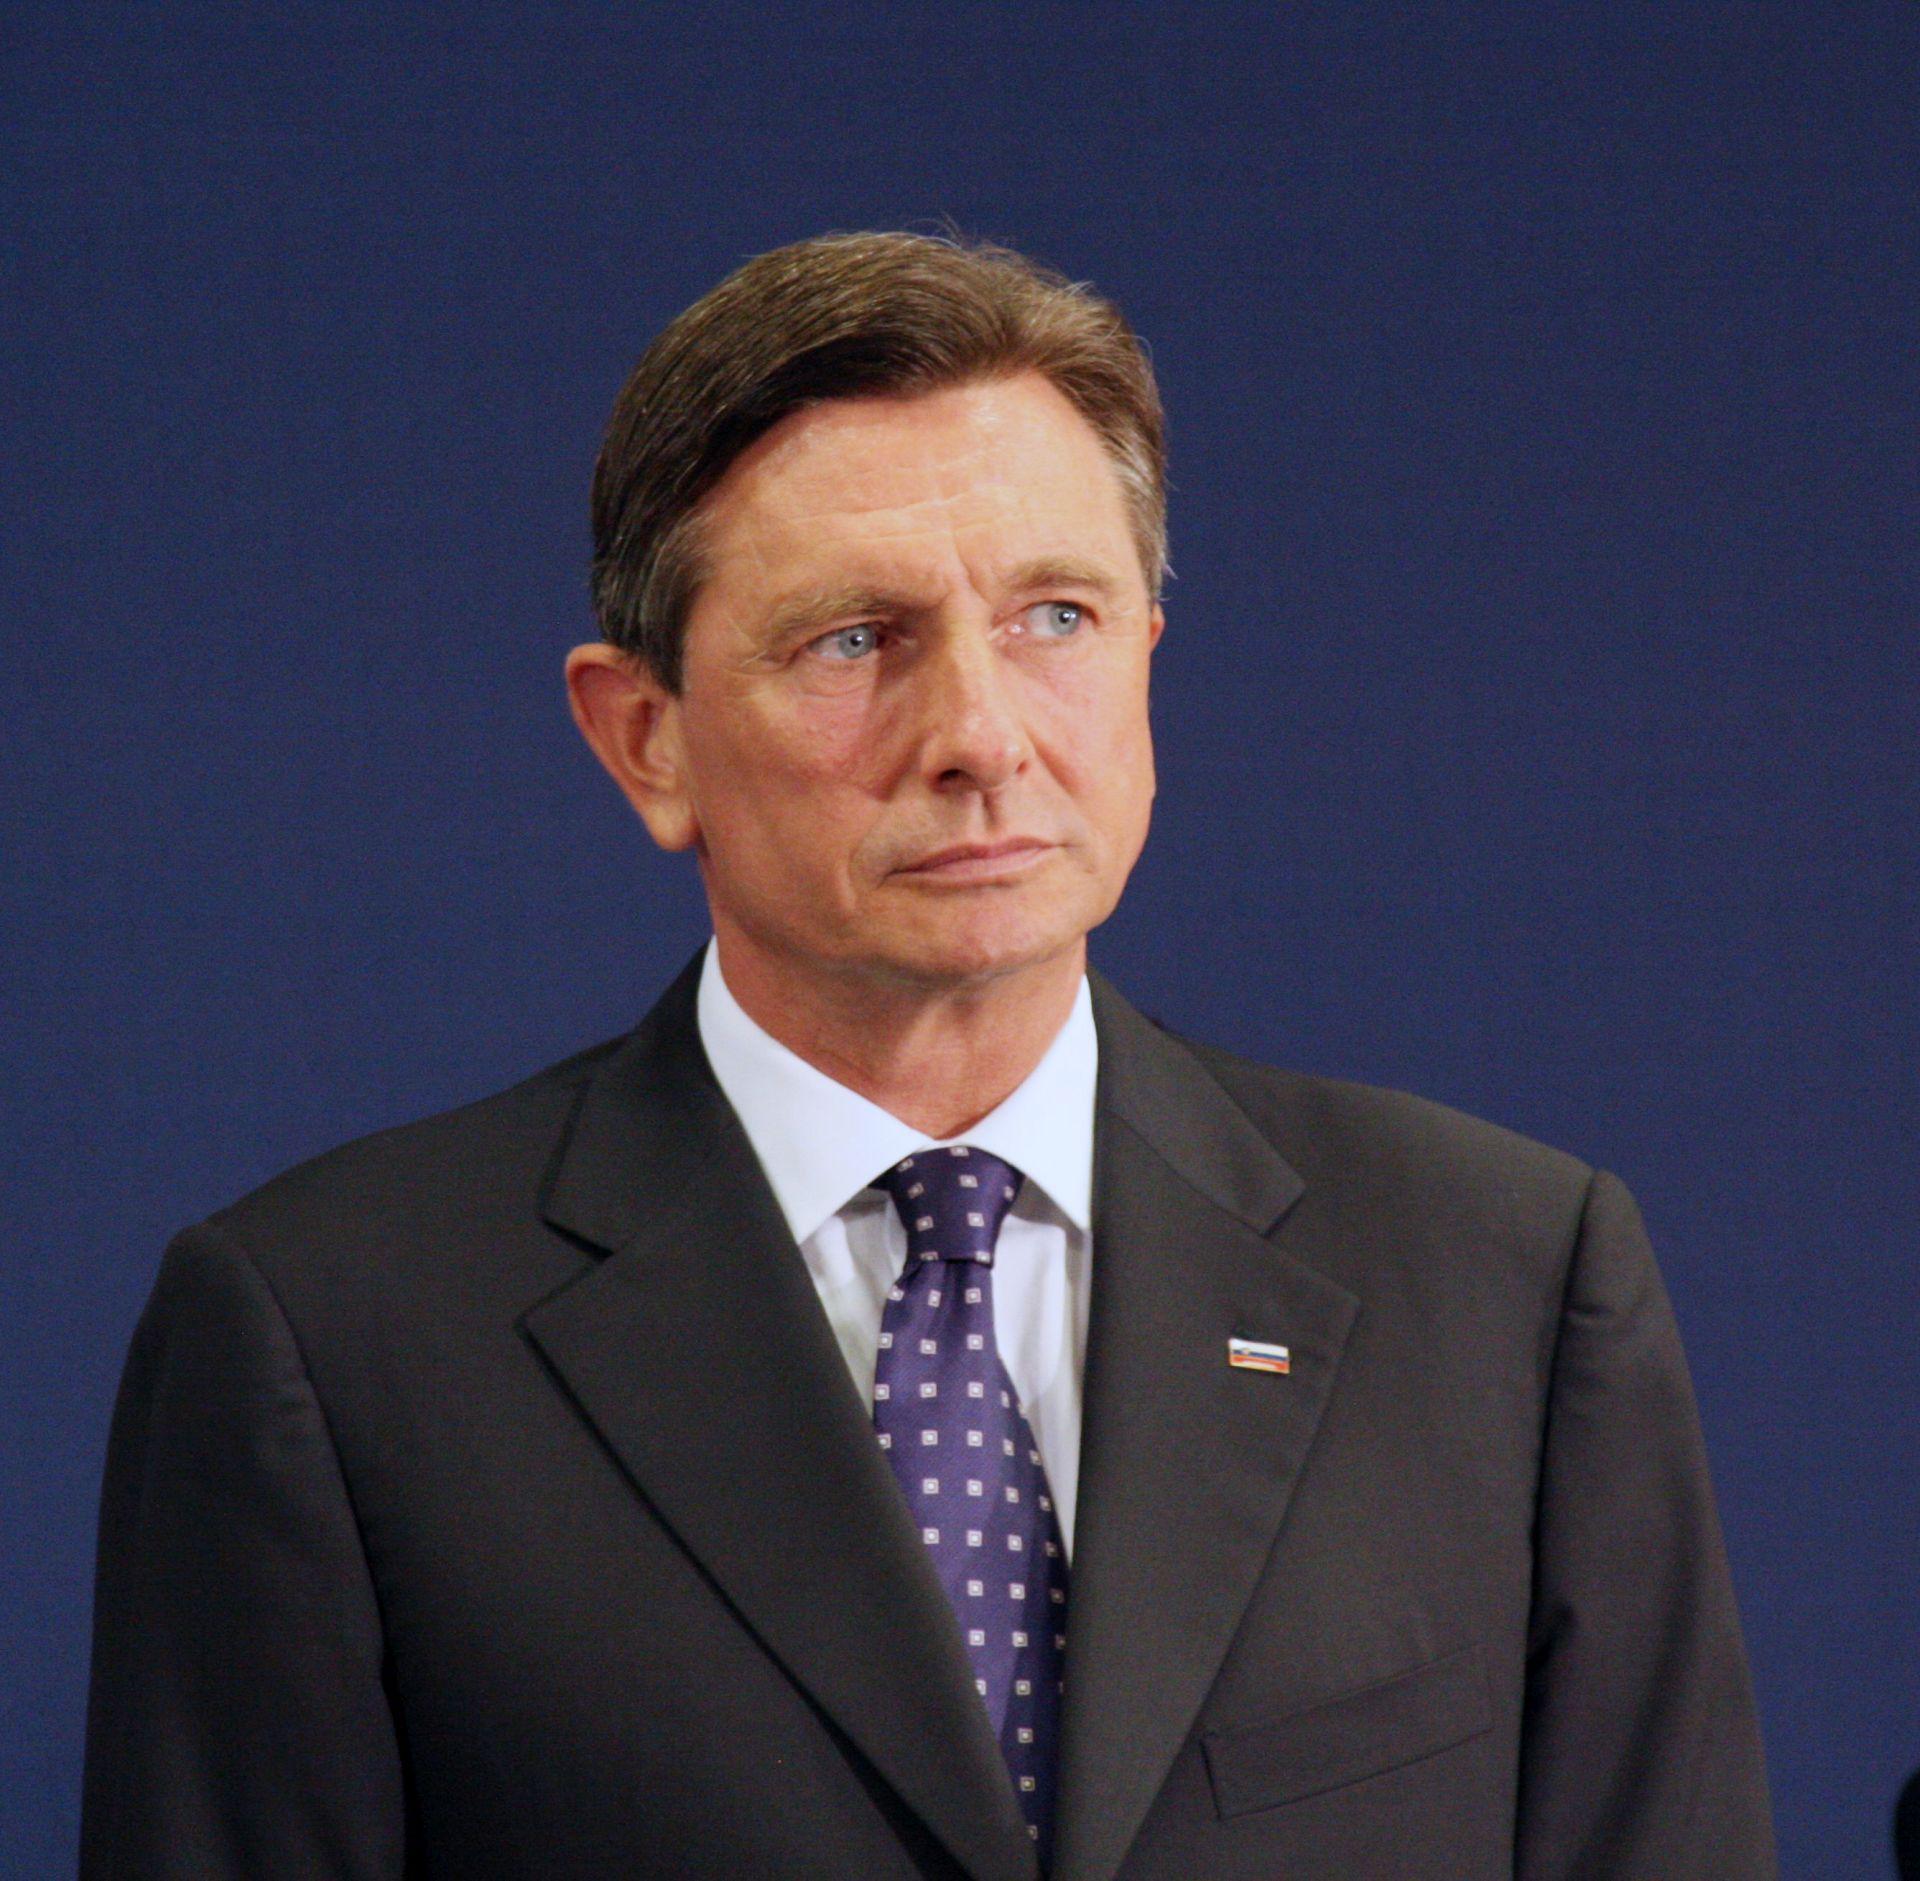 Pahorova pobjeda na predsjedničkim izborima u prvom krugu više nije sasvim izvjesna